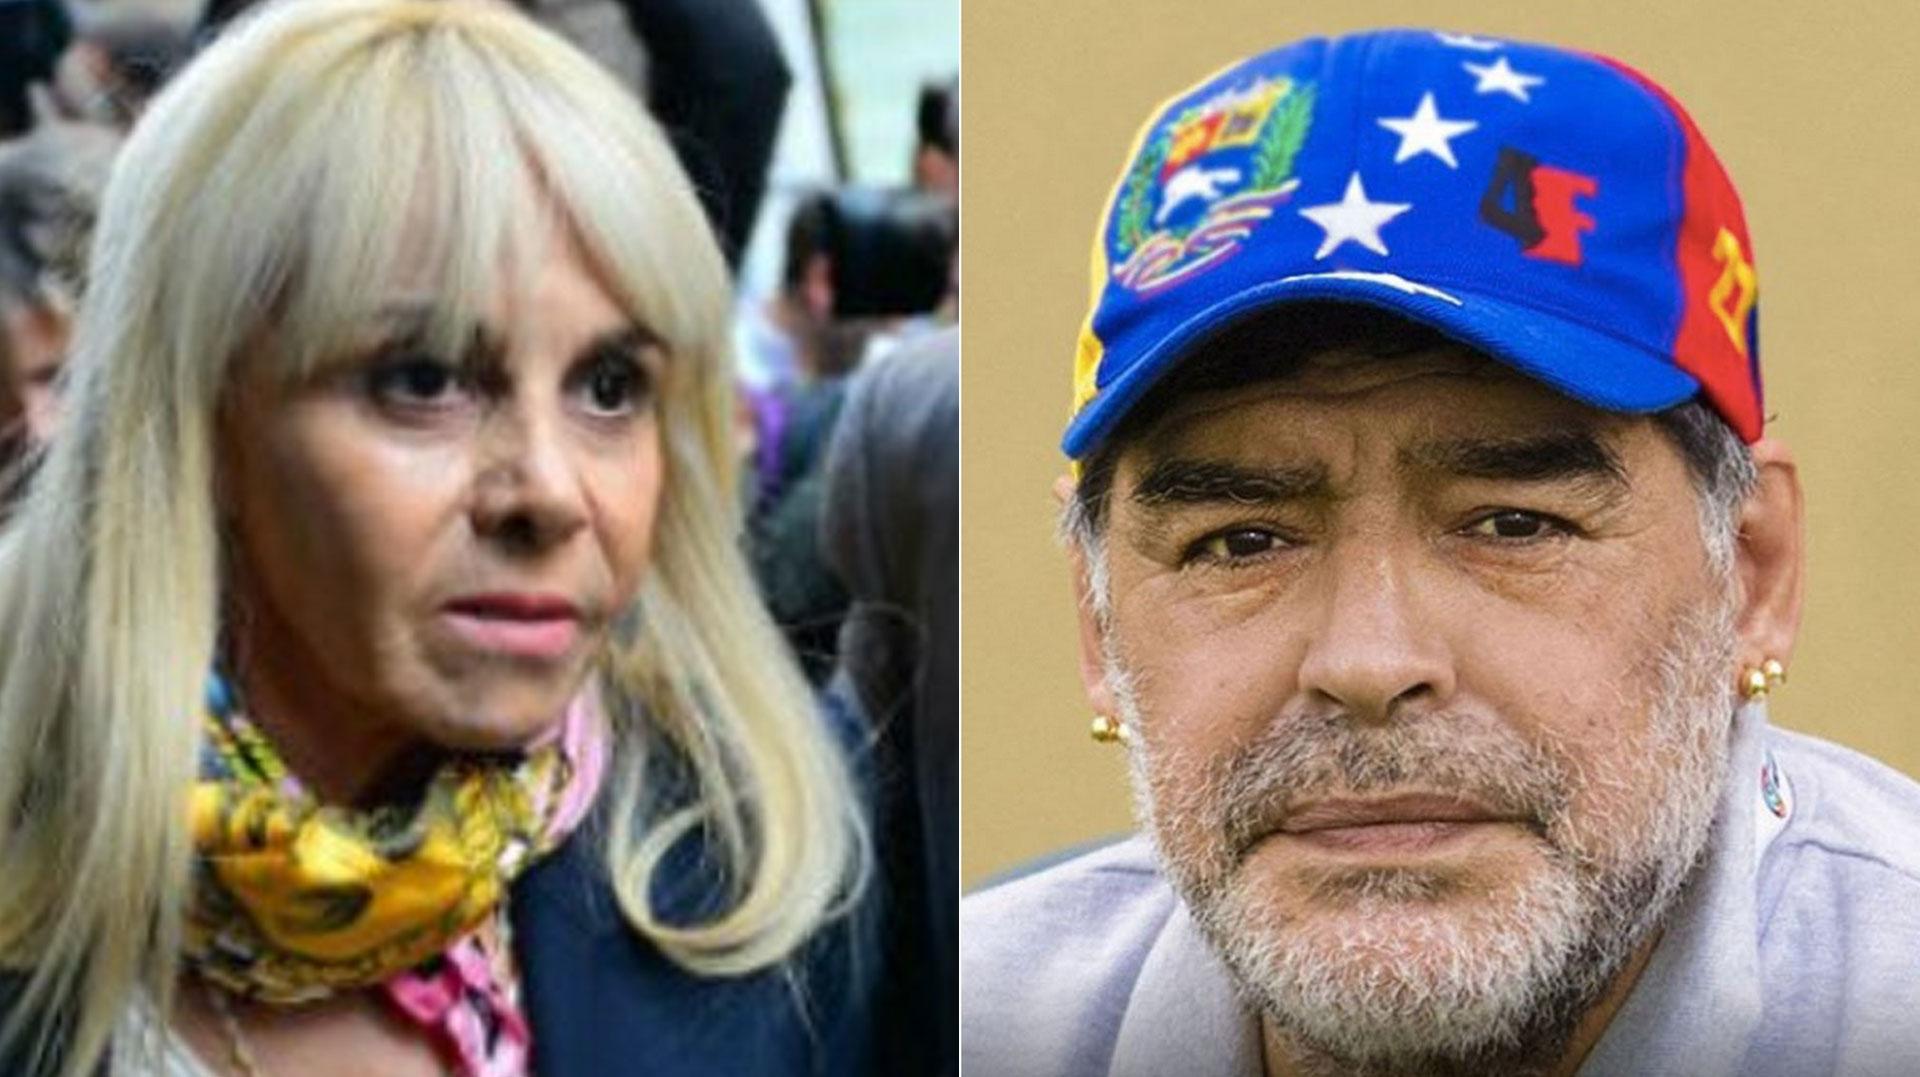 Claudia Villafañe anunció que denuncia por daños y perjuicios a Diego Maradona y Matías Morla. La mamá de Dalma y Gianinna se cansó de que su ex la acusara de una estafa millonaria